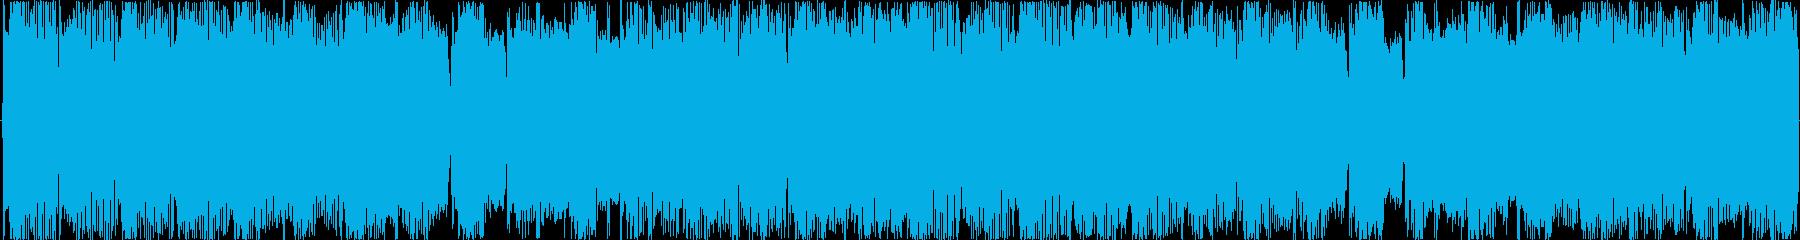 電子的な音で繰り返される楽曲です。の再生済みの波形